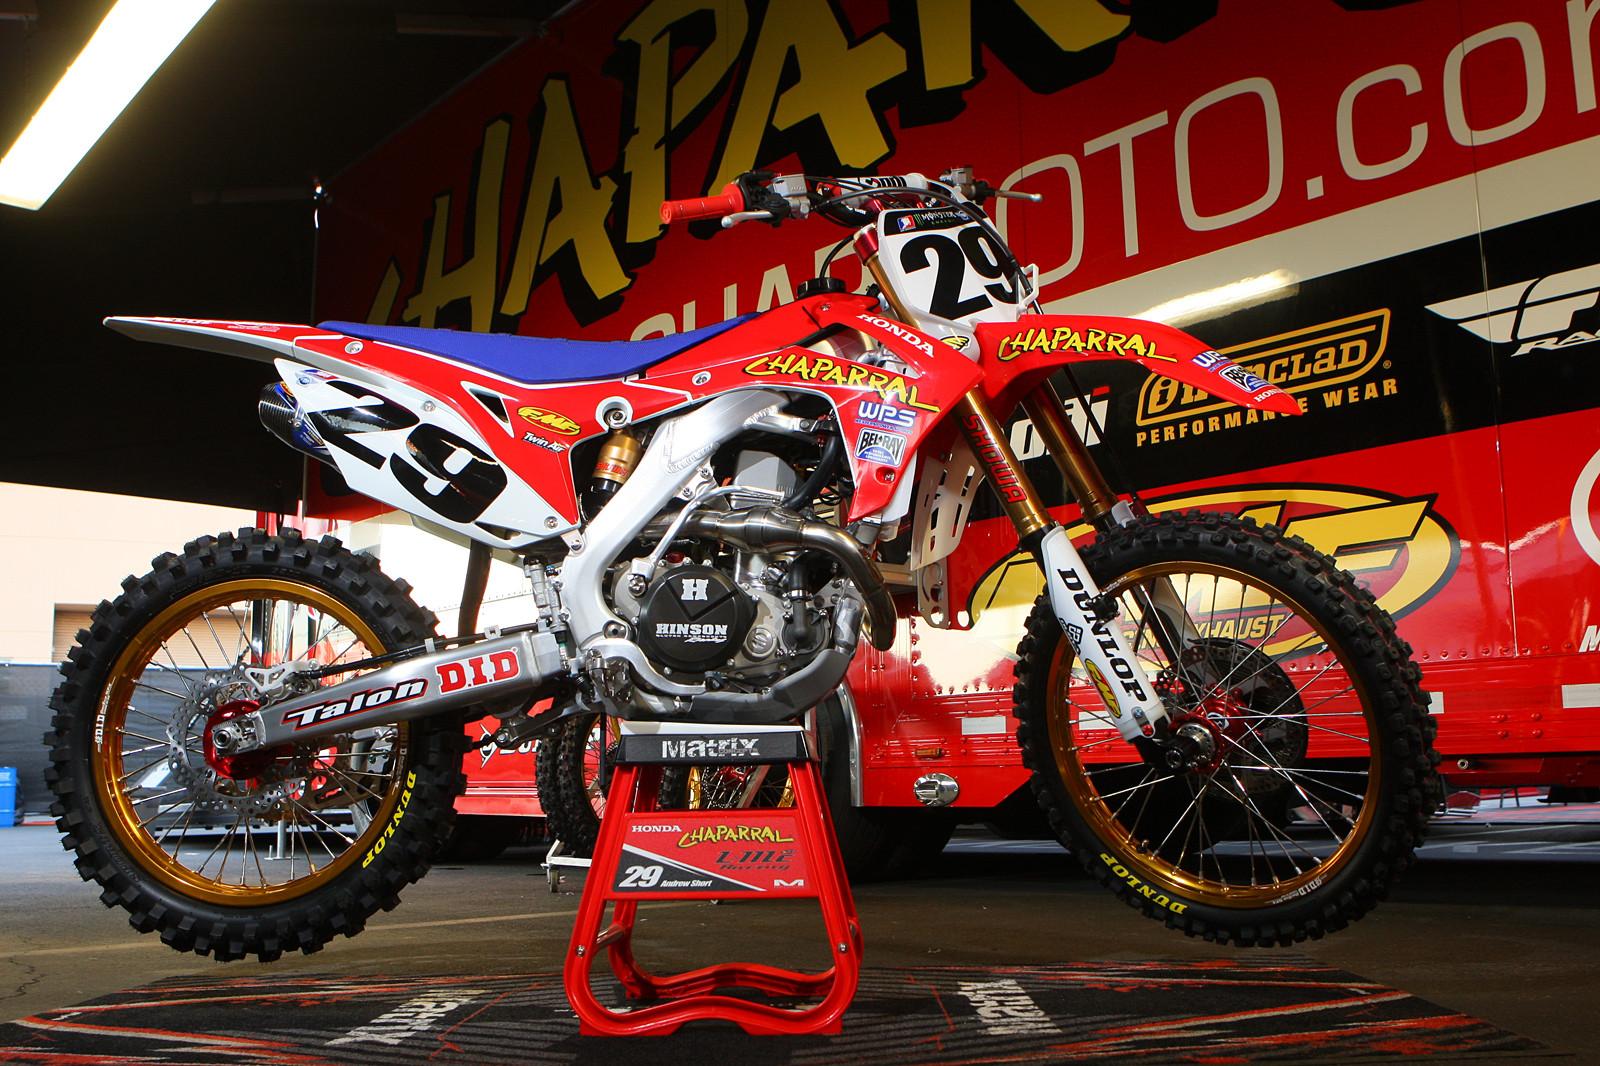 Racing caf 232 supercross racing motorcycles 450 class 2013